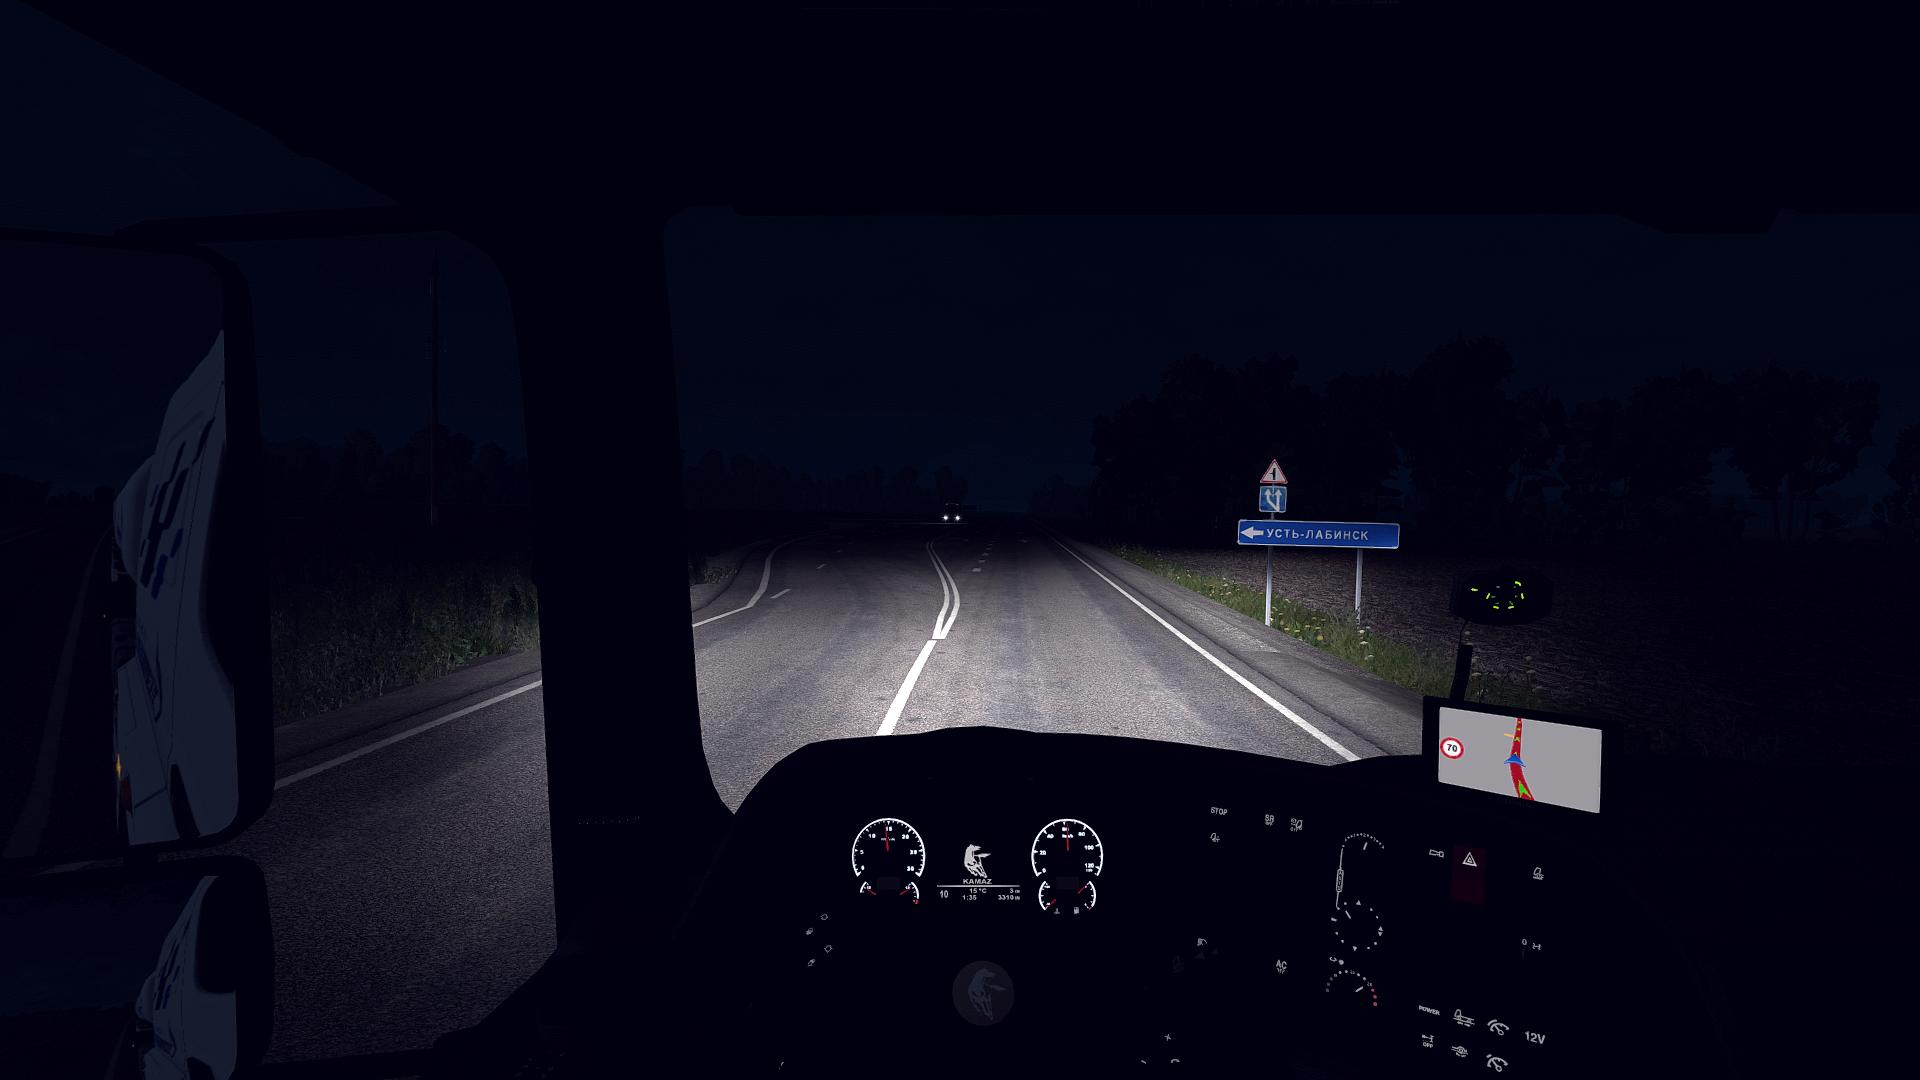 eurotrucks2 2018-05-11 19-04-45.png - Euro Truck Simulator 2